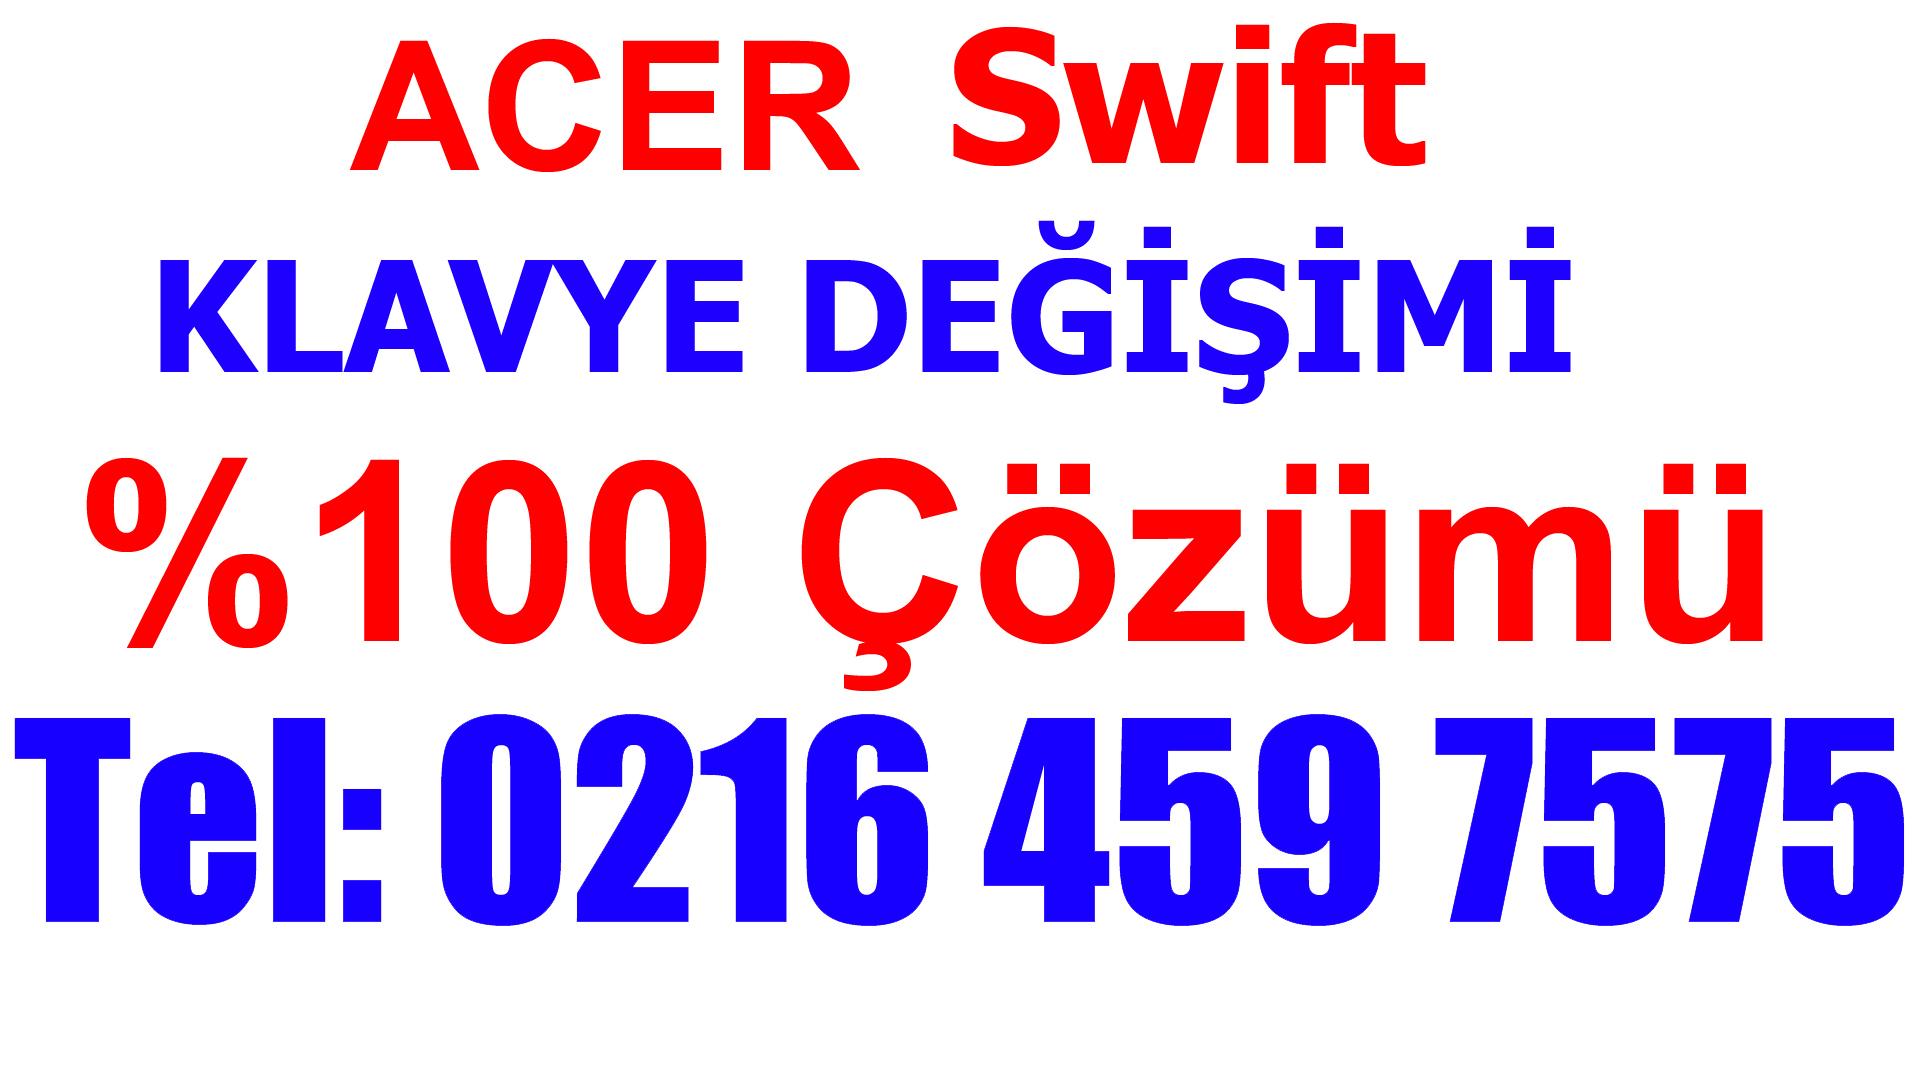 Acer Swift Klavye Değişimi